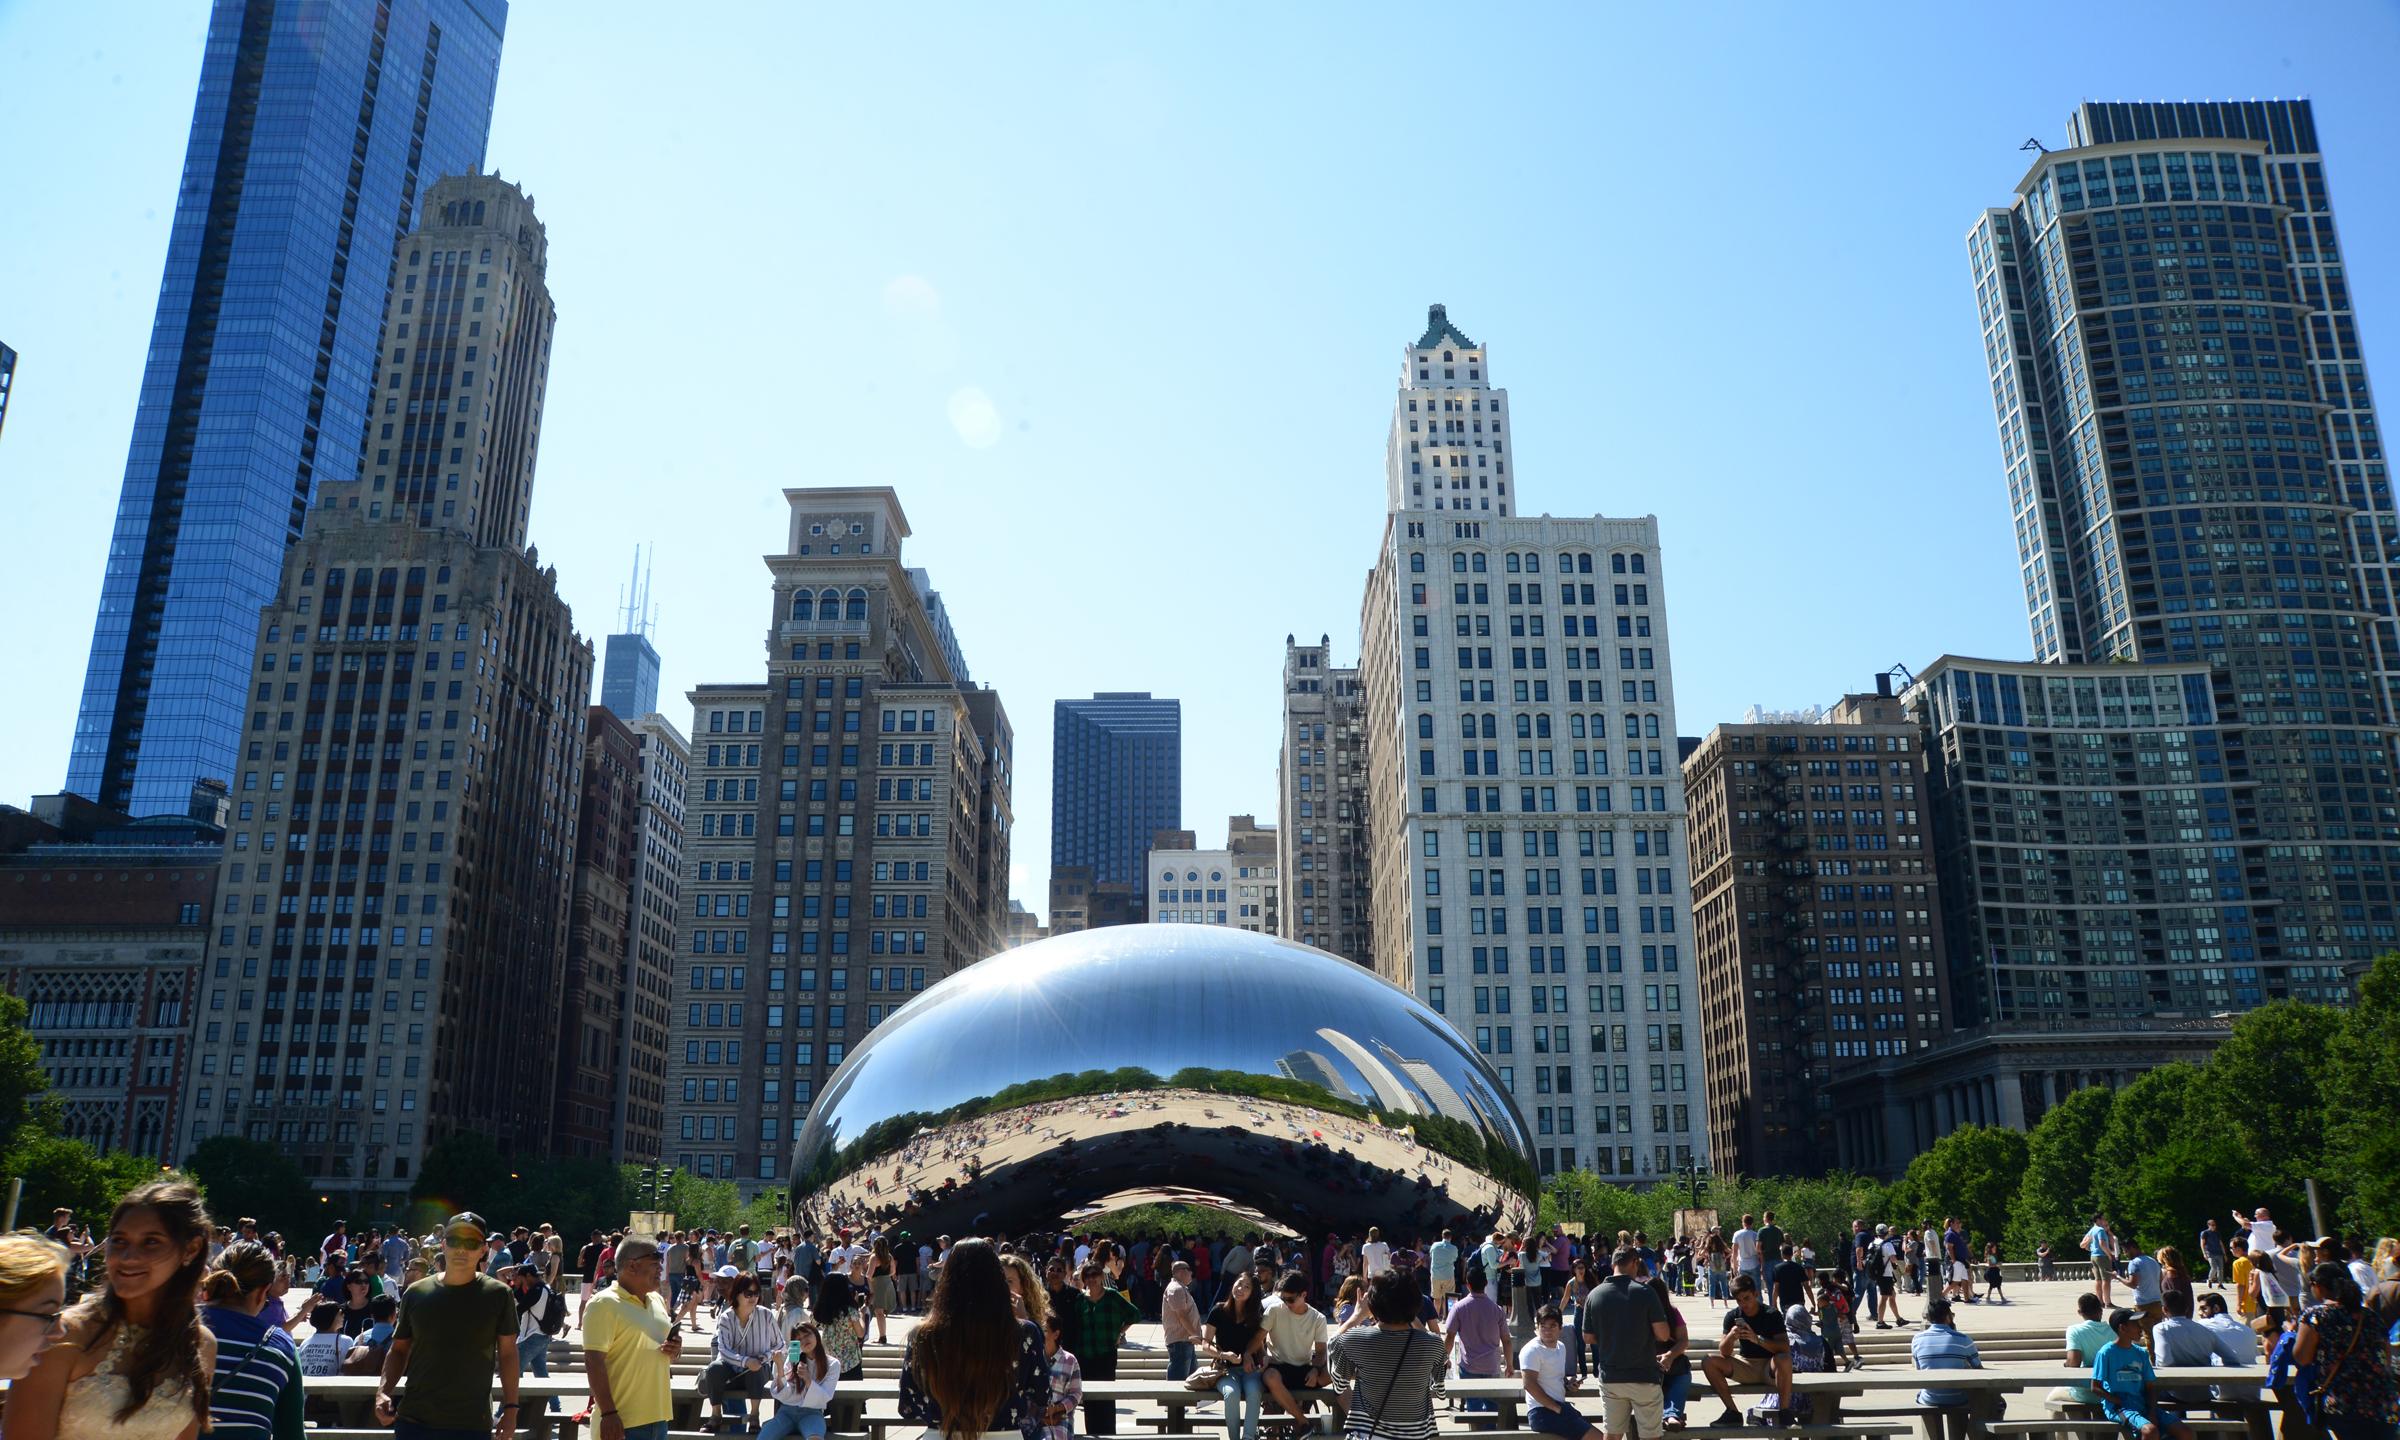 芝加哥千禧公園 (Millennium Park)內的 著名雕塑 「雲門」(Cloud Gate),四周為建築群包圍。(許振輝/攝影)